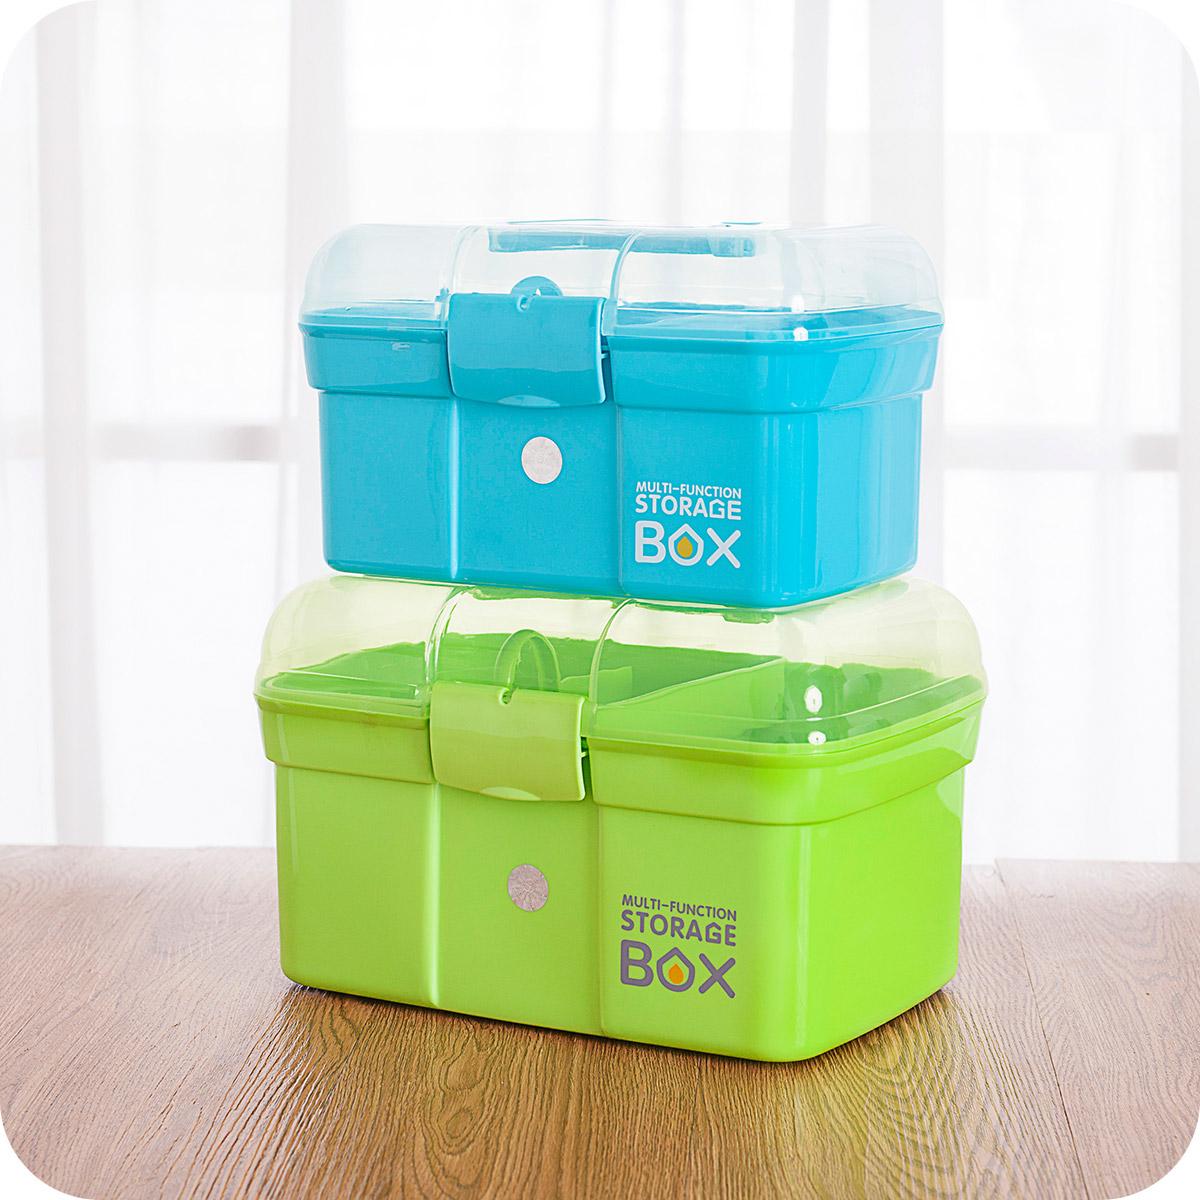 包郵大藥箱急救箱醫藥箱家庭雙層藥箱手提藥品箱家用醫療箱279